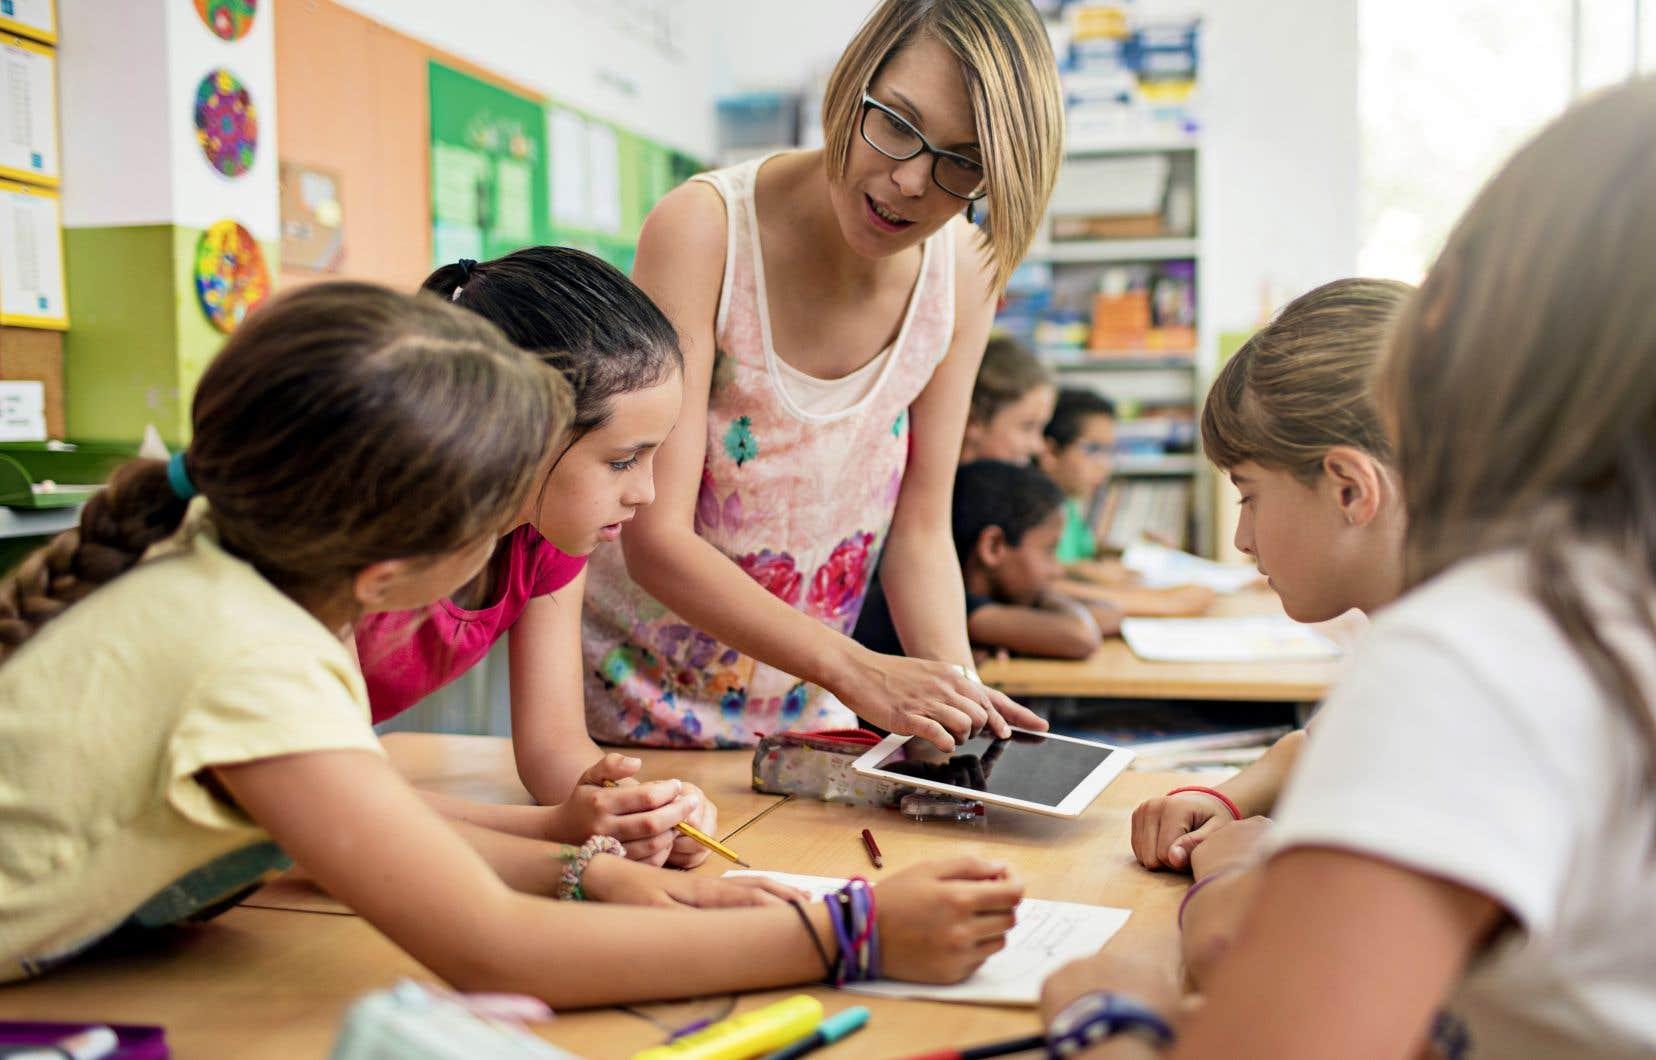 Les suppléants deviennent tellement rares que les enseignants en place doivent faire des prouesses pour assurer une présence dans les groupes privés de titulaire.